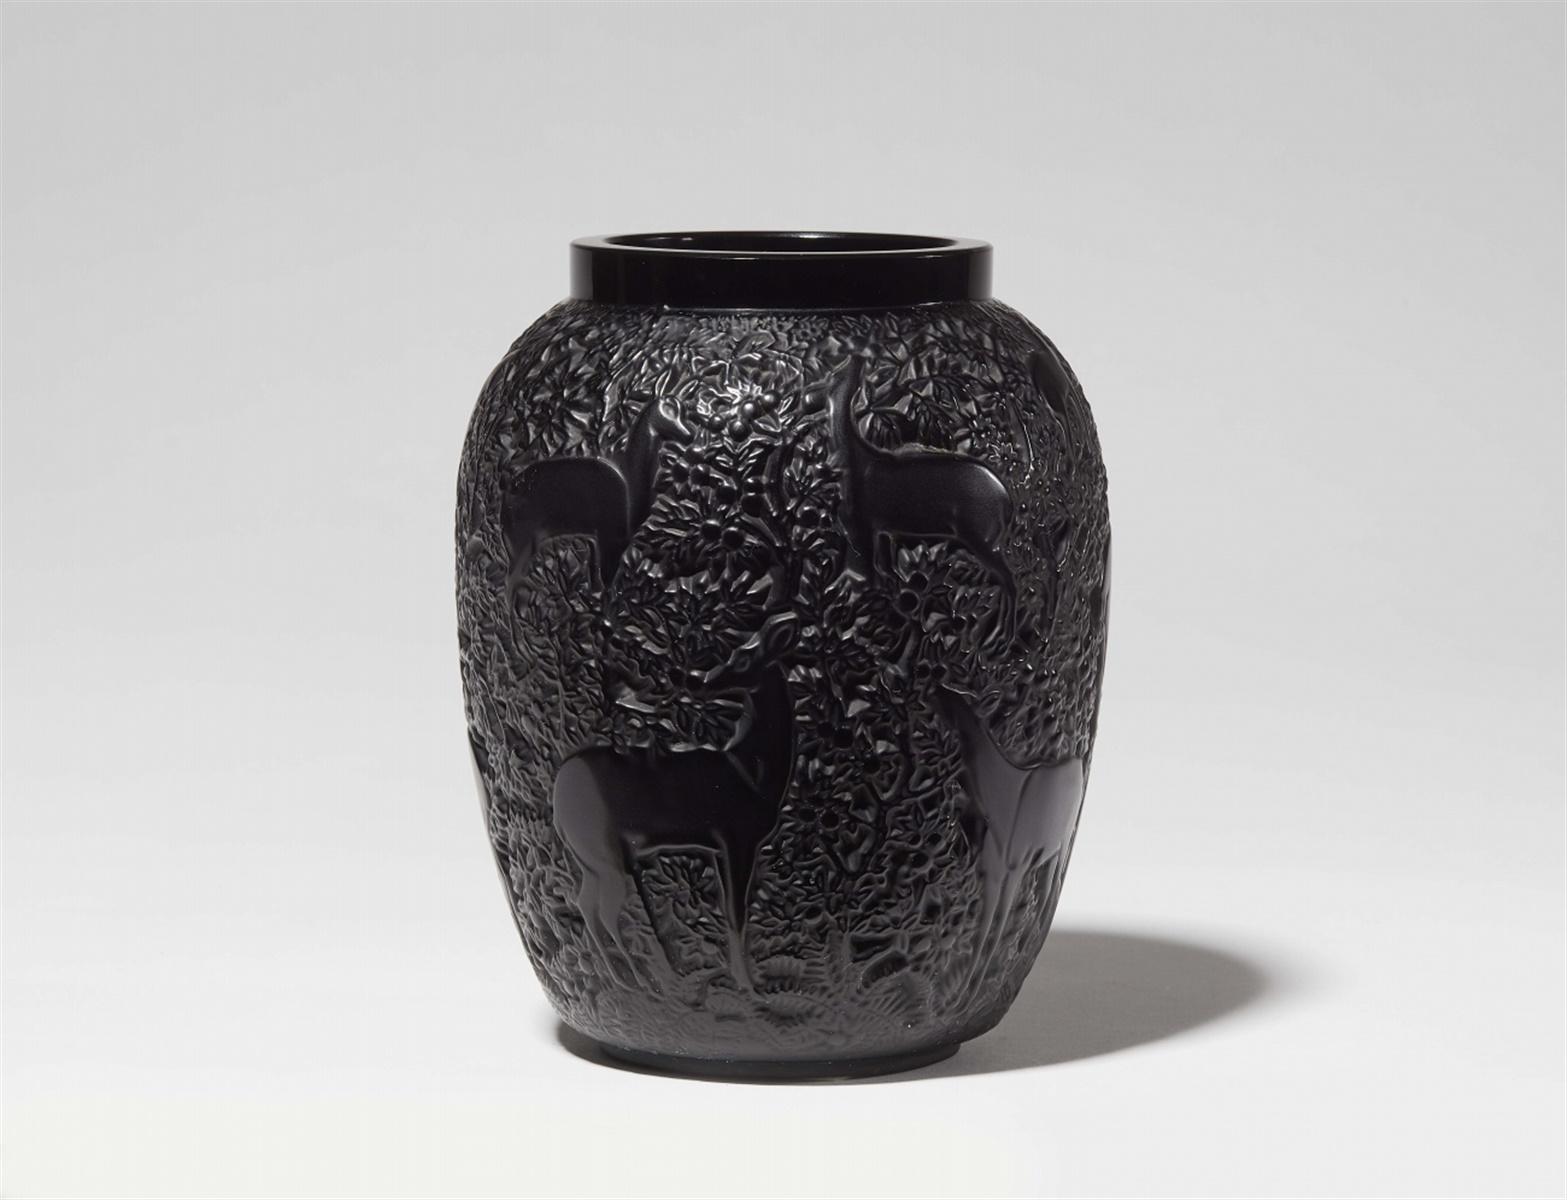 Lot 104 - Vase bichesModelgeformtes schwarzes Glas. Modell 1082, nach 1947 als Modell 2015 und ab 1951 als